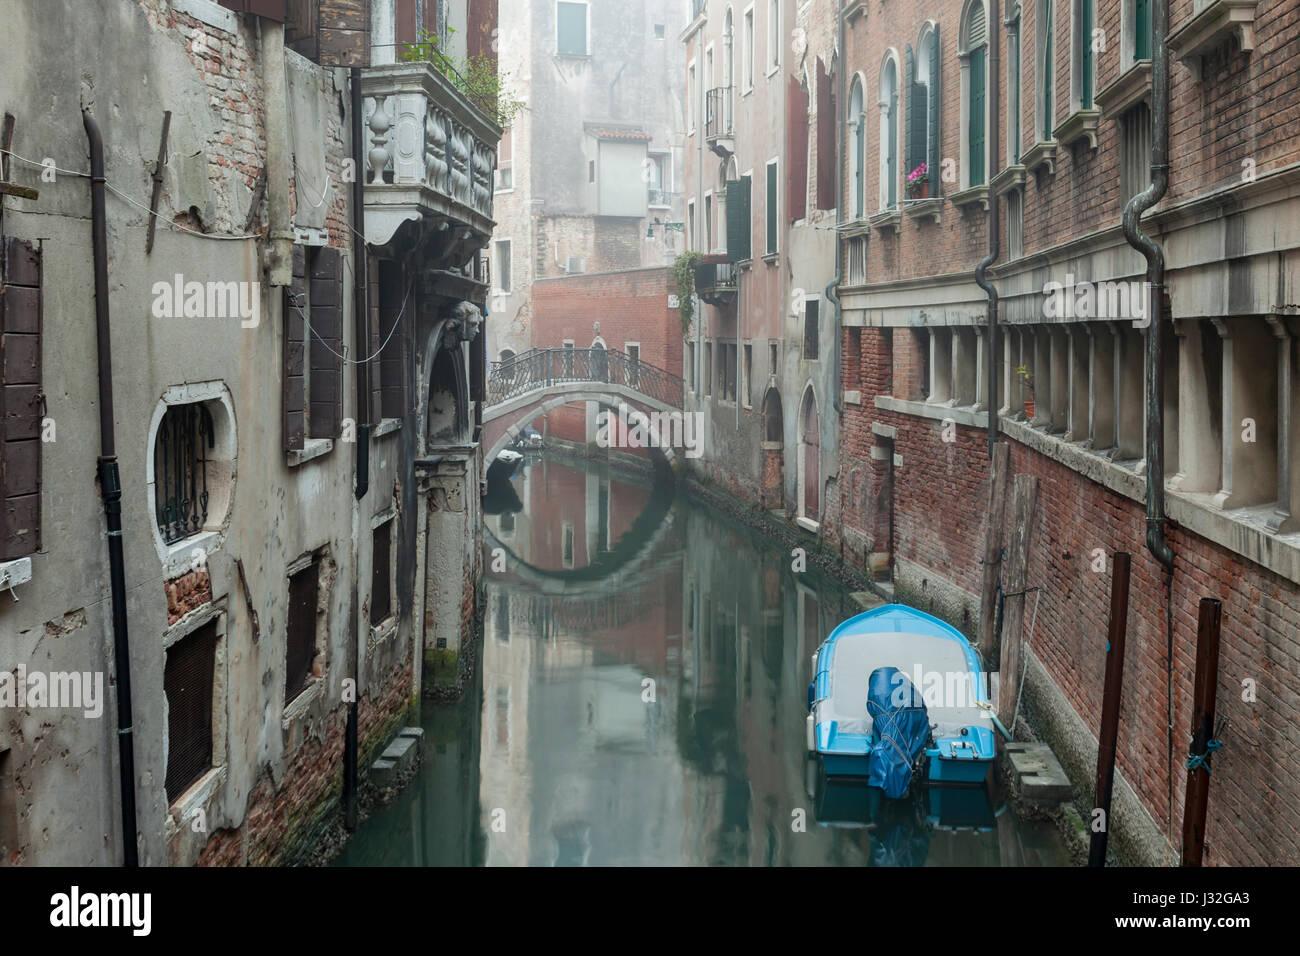 Misty mañana en el distrito de San Marcos de Venecia. Imagen De Stock